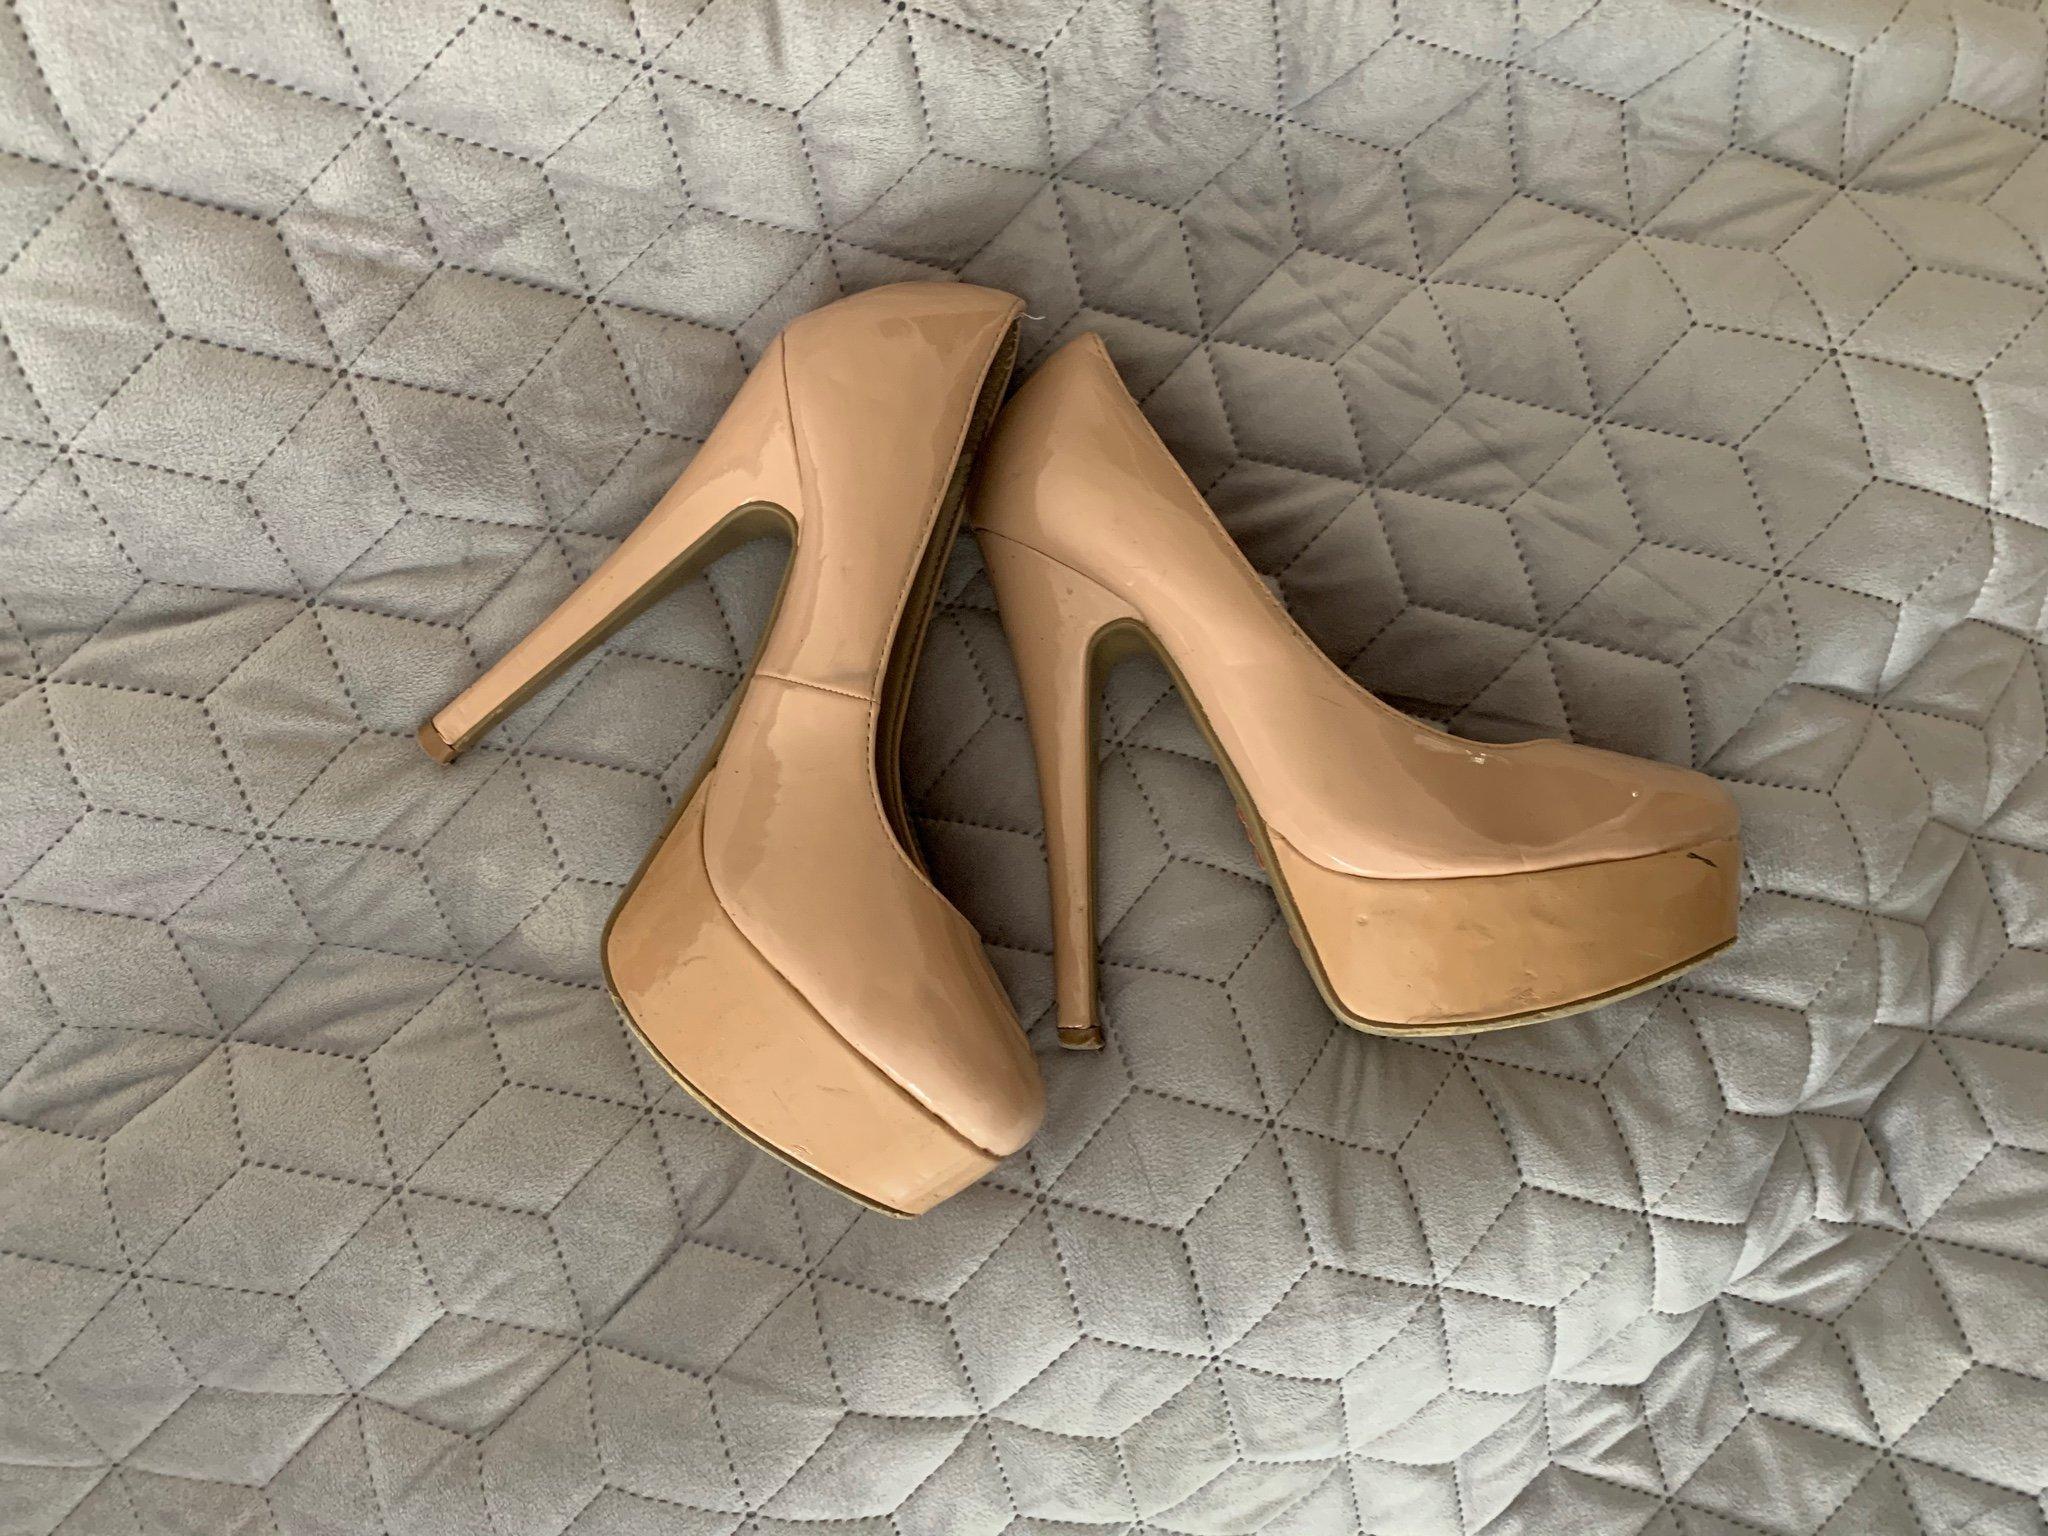 Klackar heels pumps 36